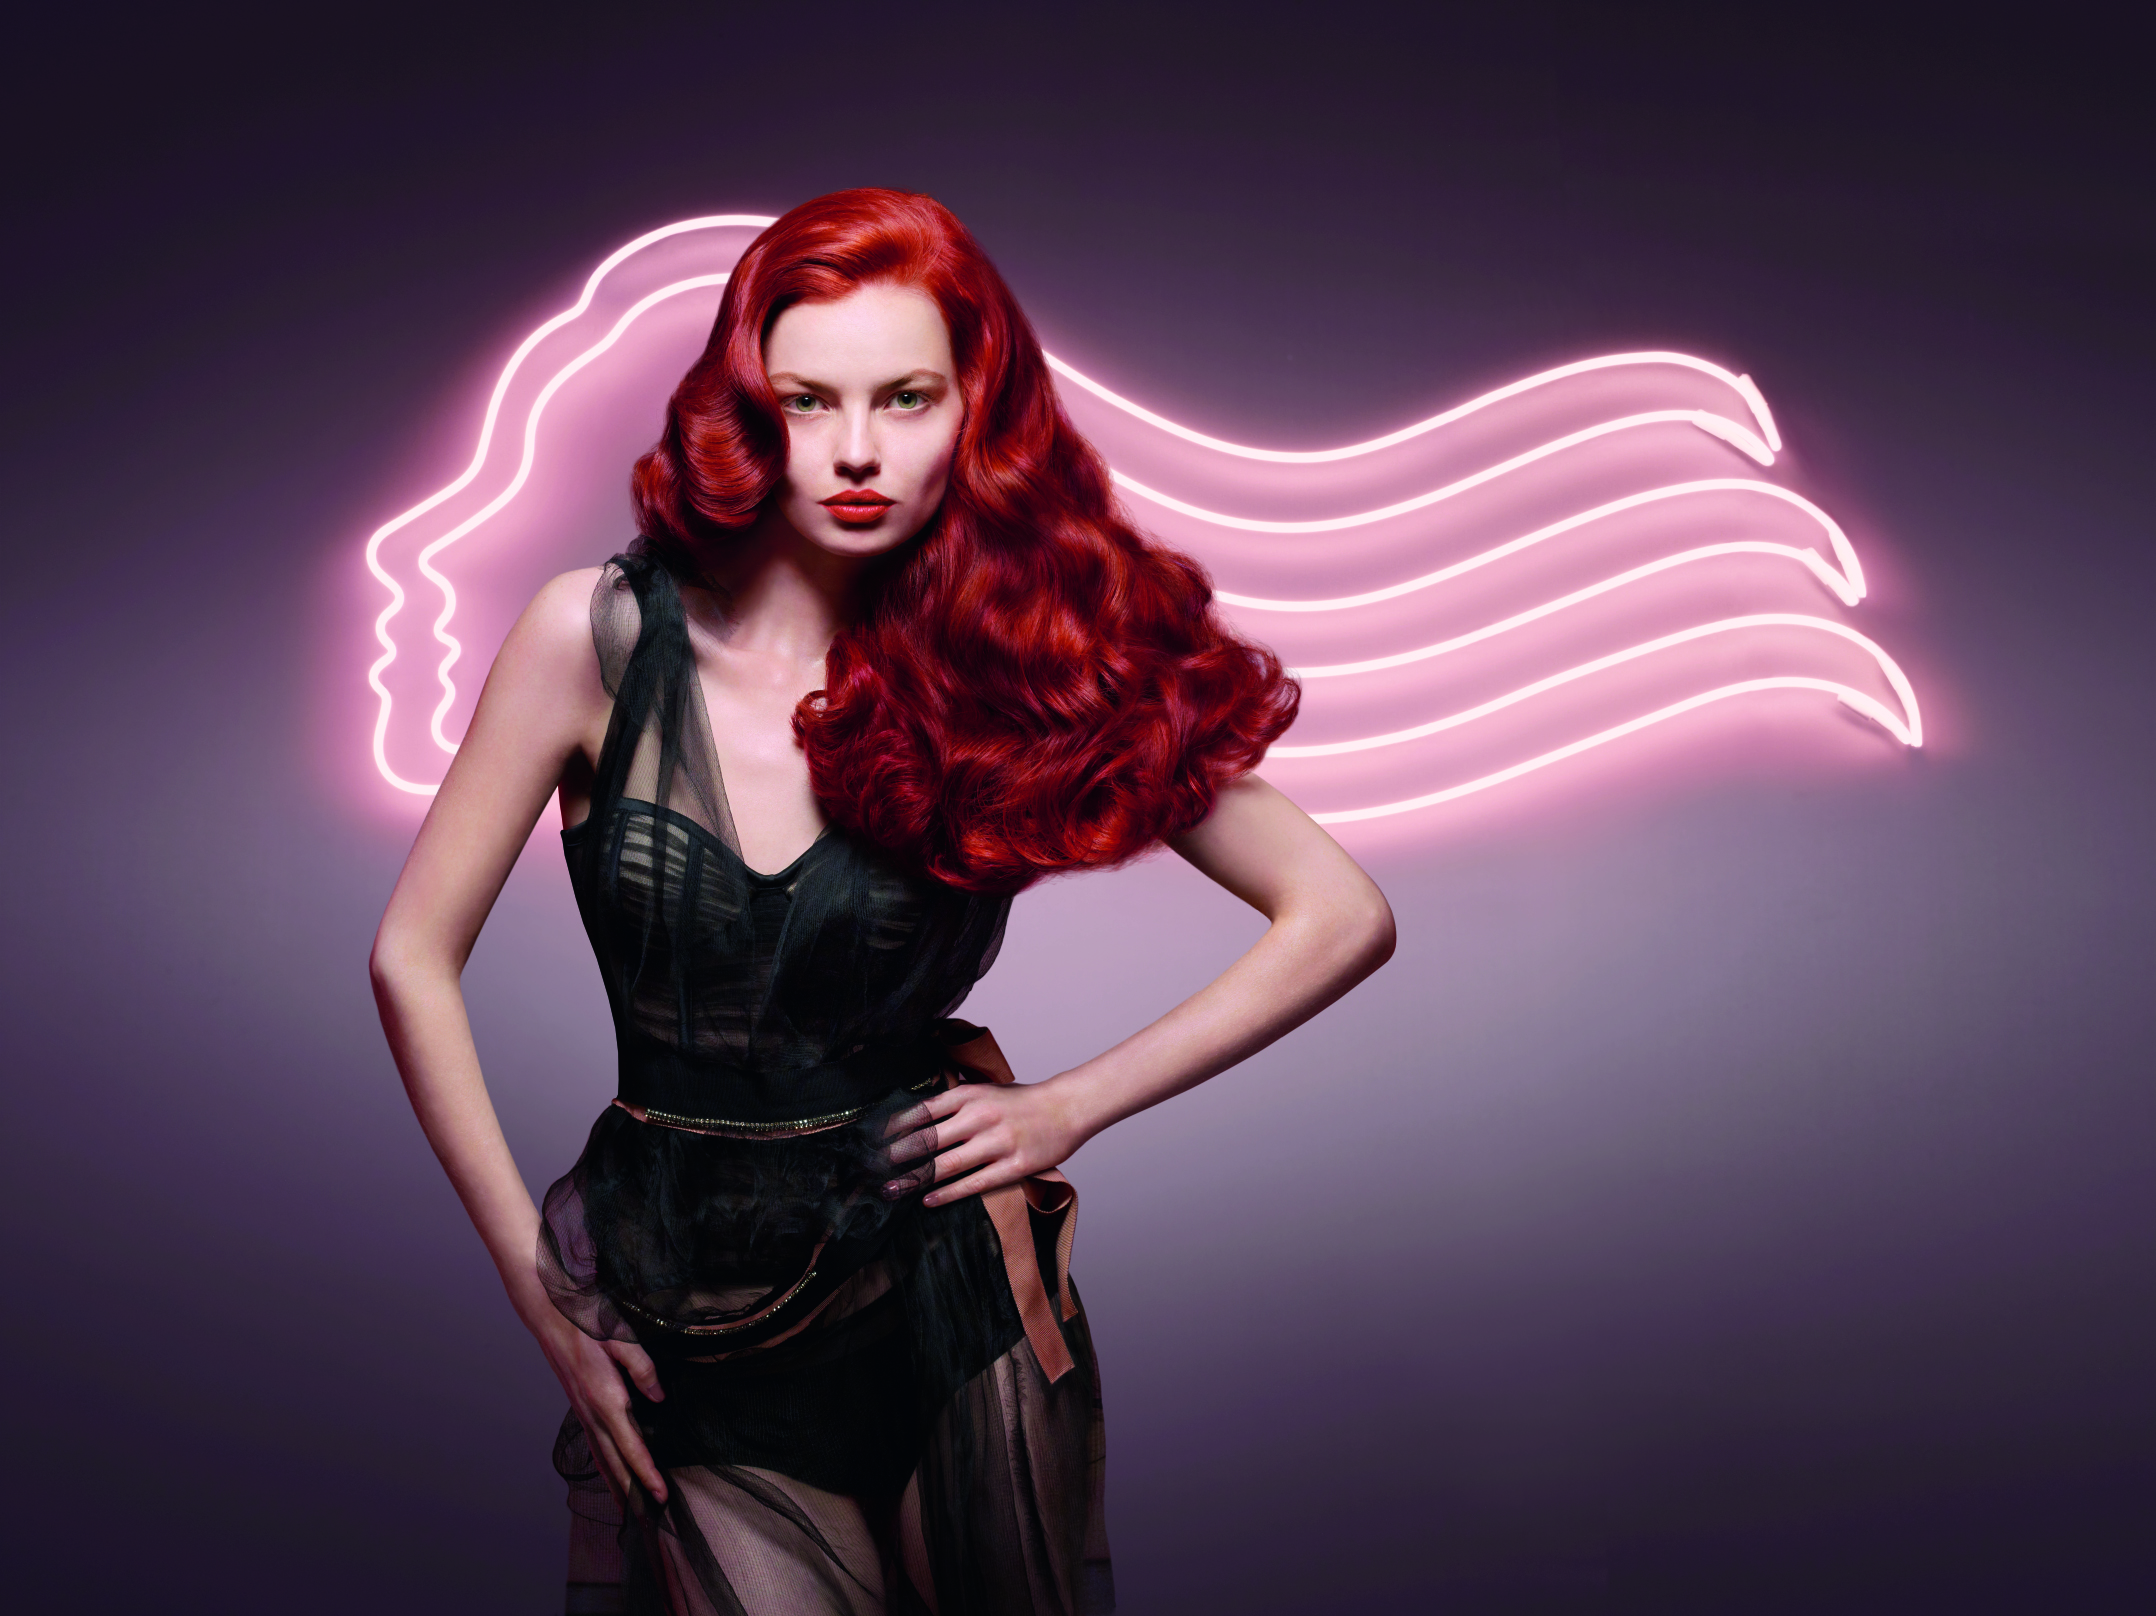 modelle per capelli rossi